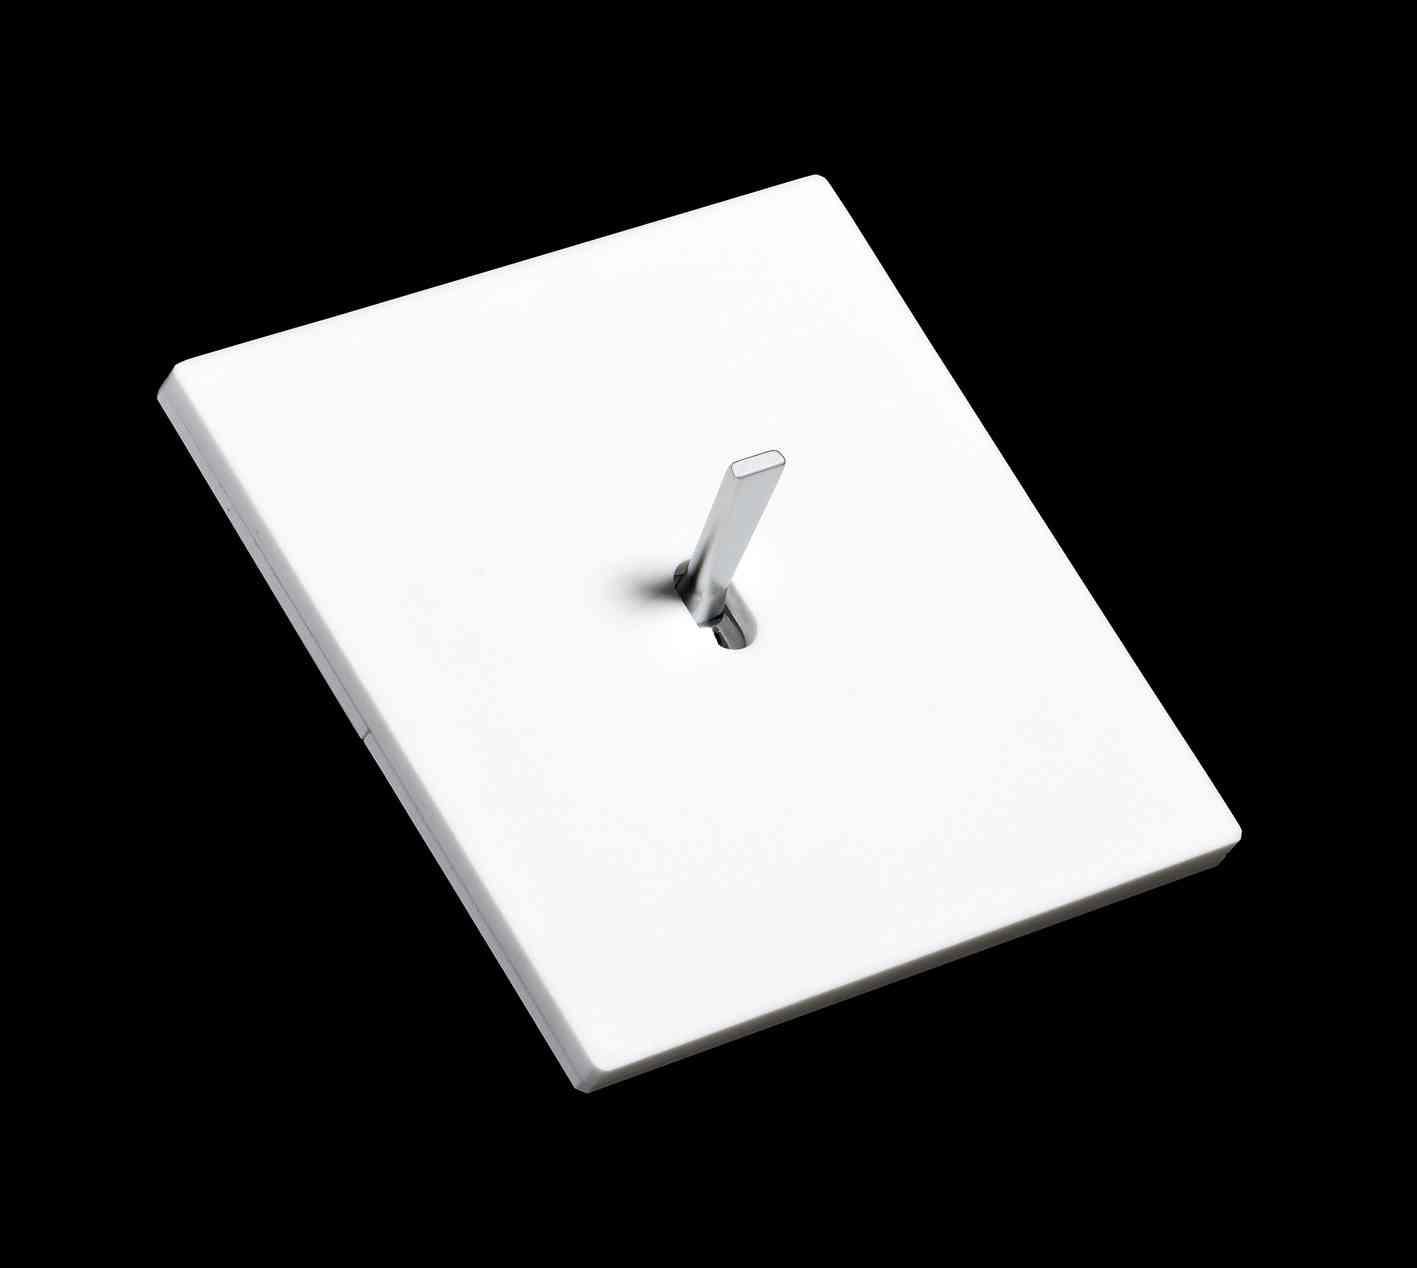 Interruptores de luz minimalistas decoraci n de - Modelos de interruptores de luz ...